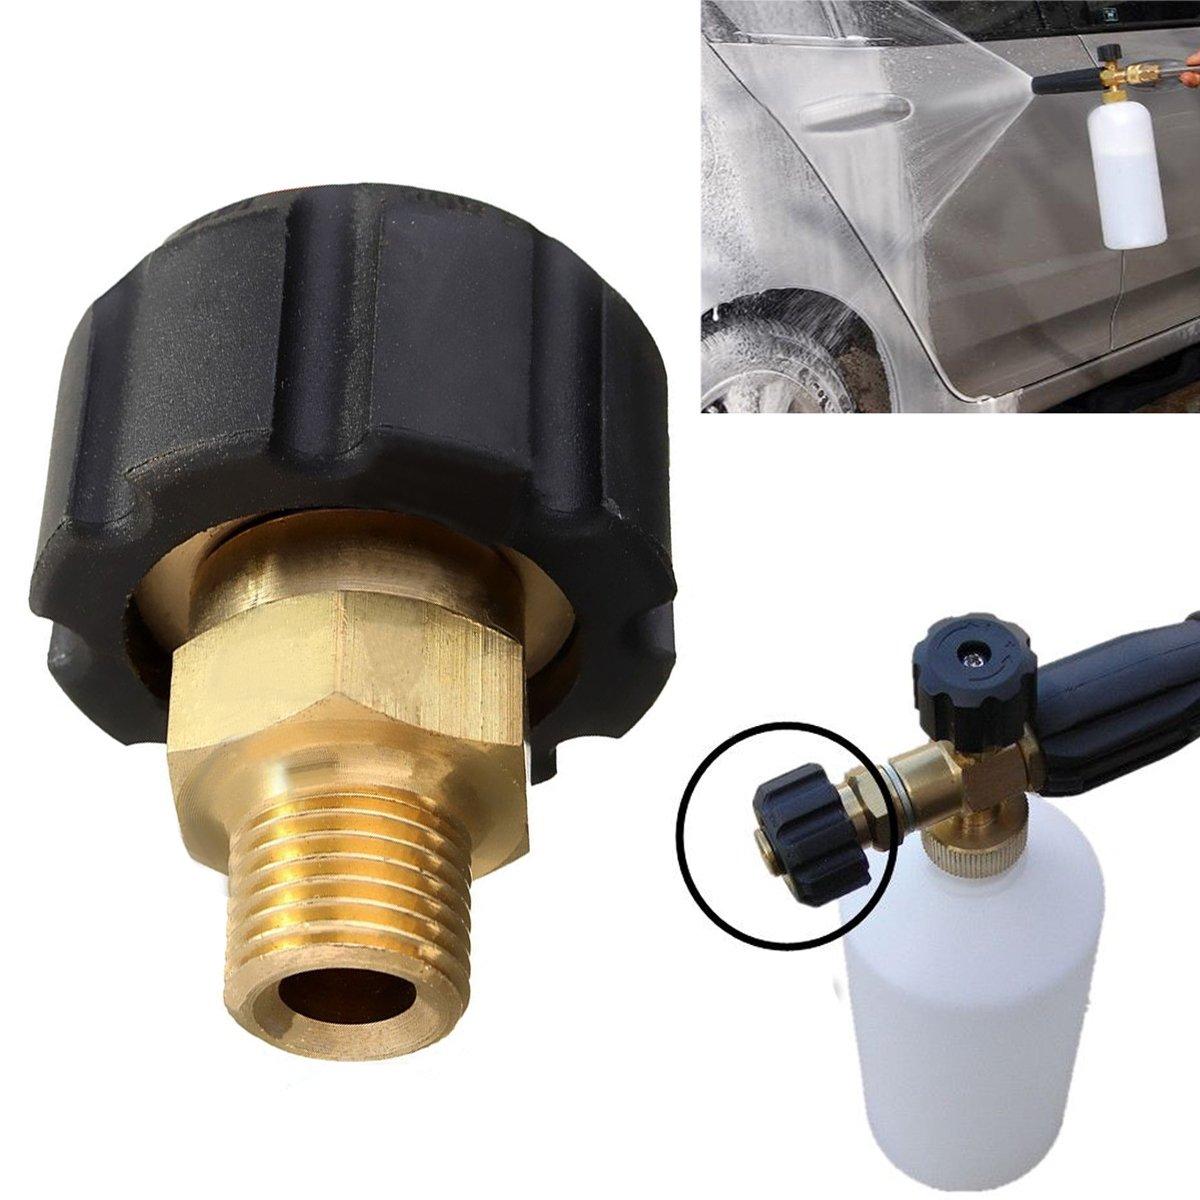 Hochdruckreiniger Kupplungs Adapter für Karcher HDS & HD M22F Schneeschaum Lanze PDTO